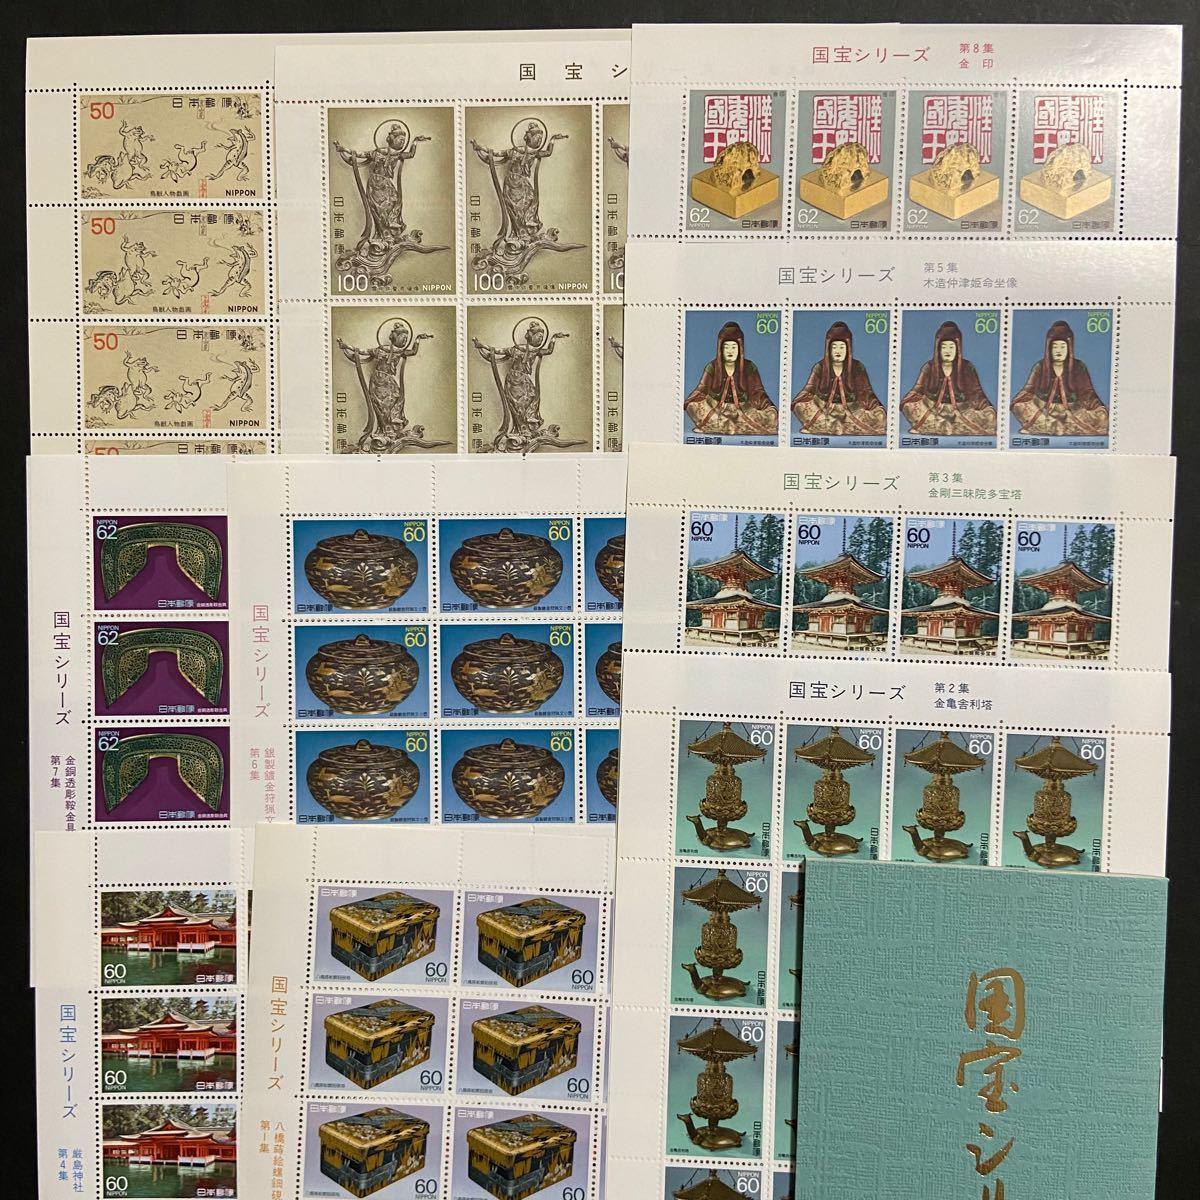 切手 シート 国宝シリーズ パンフレット付き